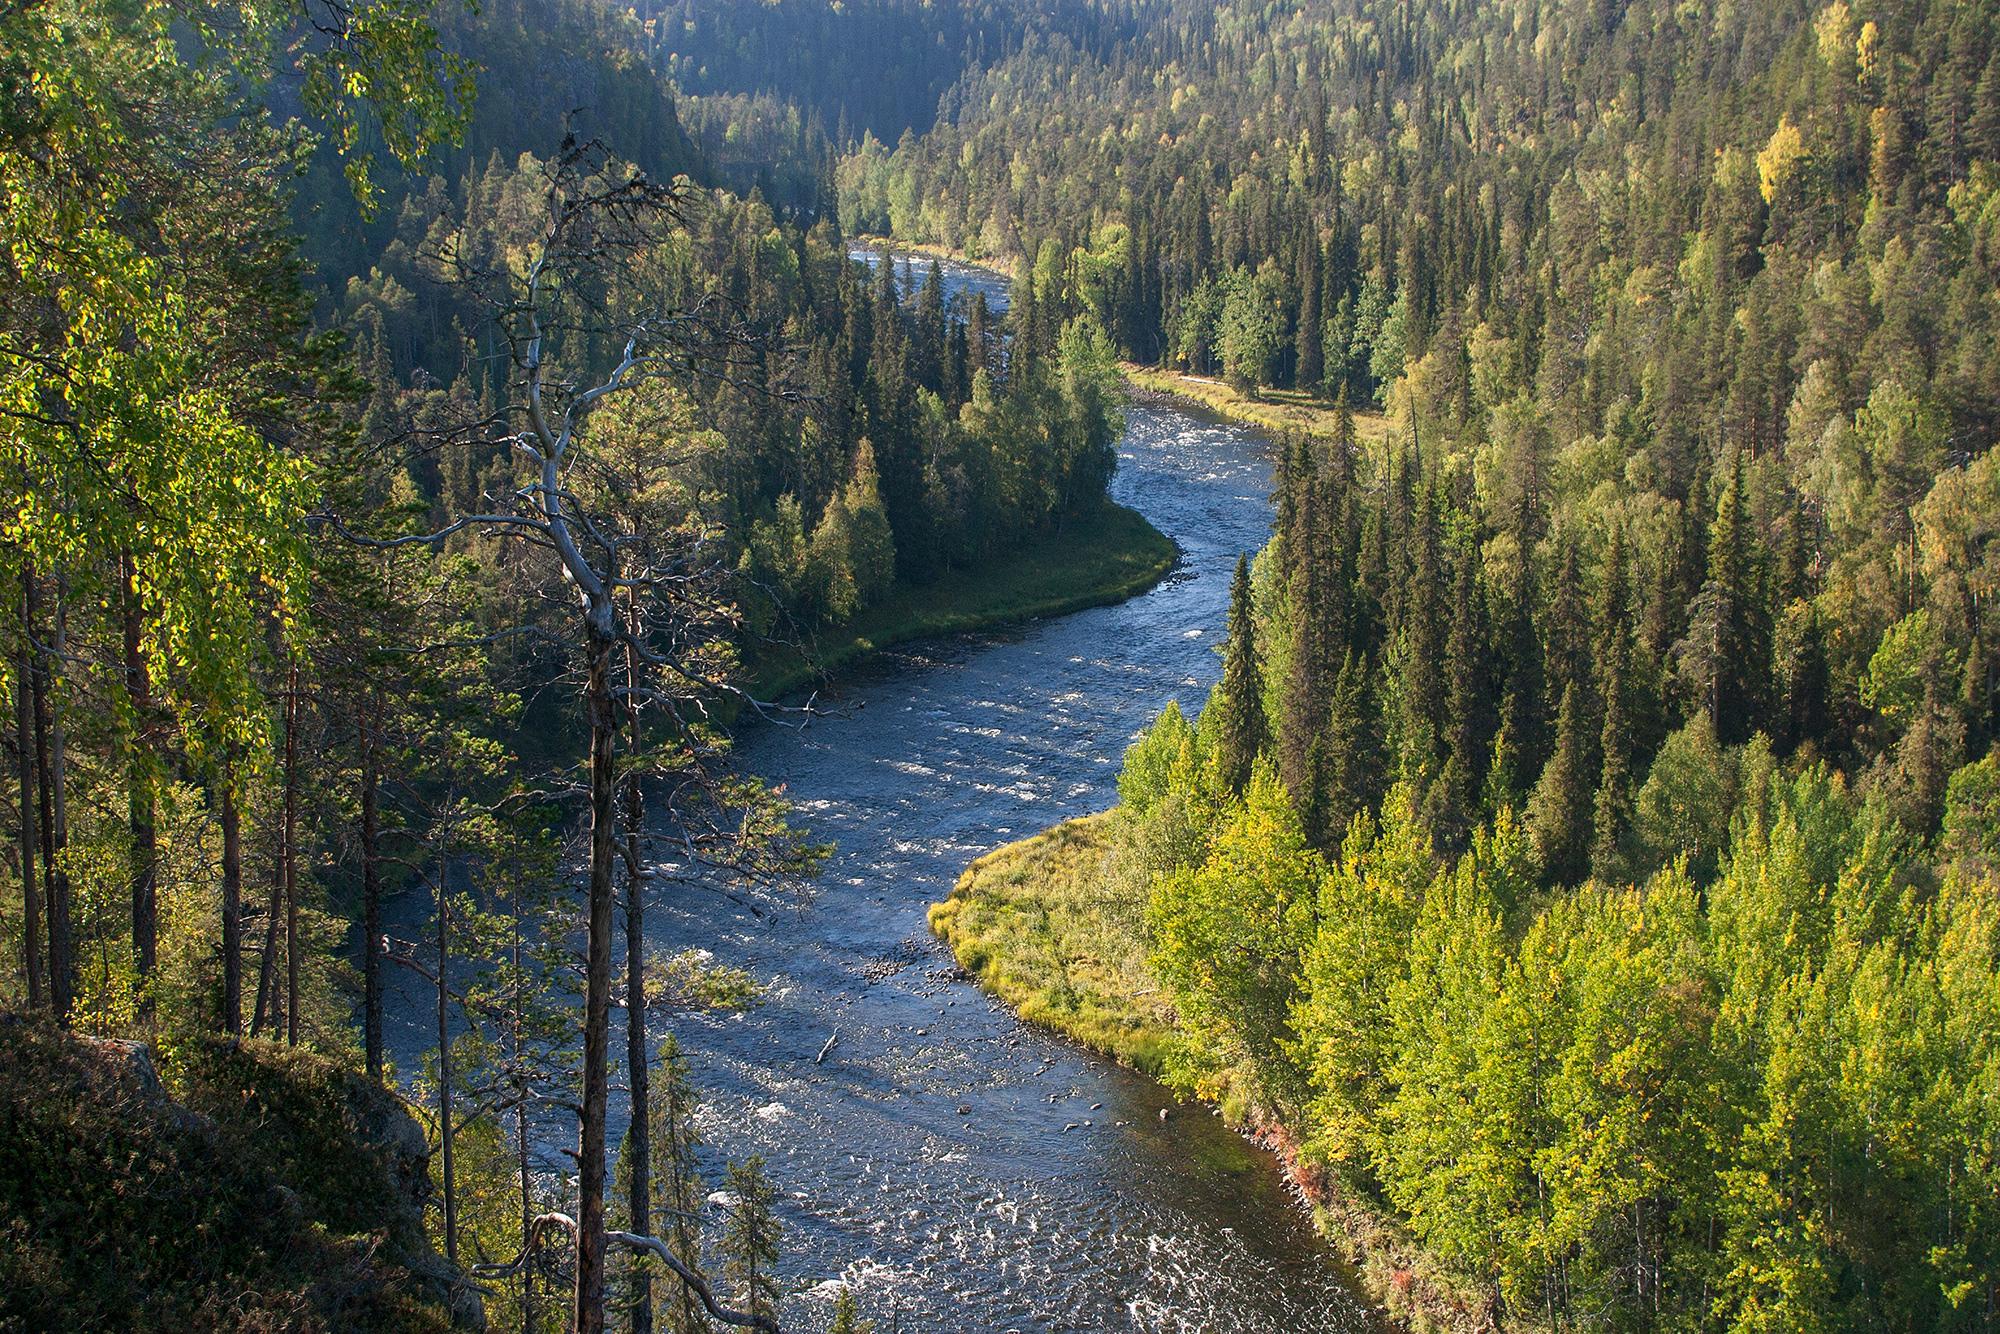 Joki virtaa vehreässä laaksossan lempeän auringon valossa.